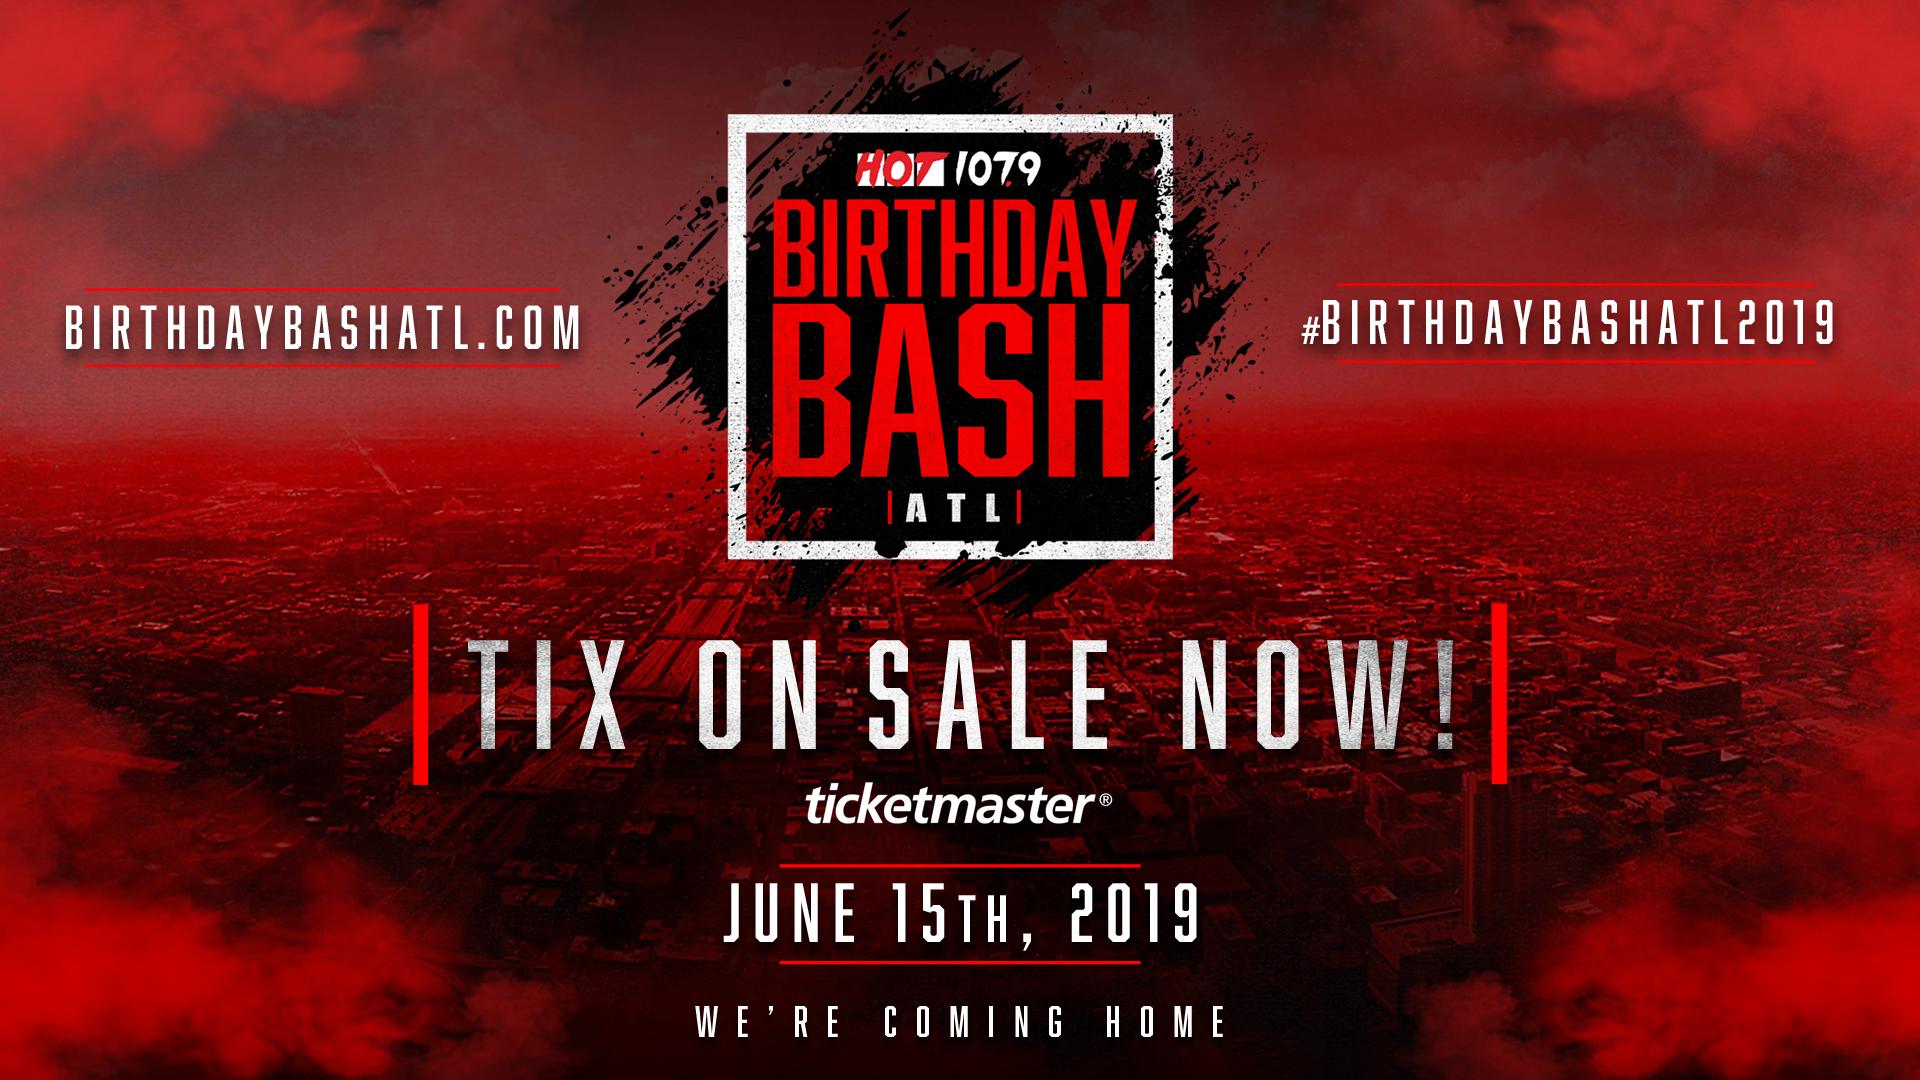 Birthday Bash ATL On Sale